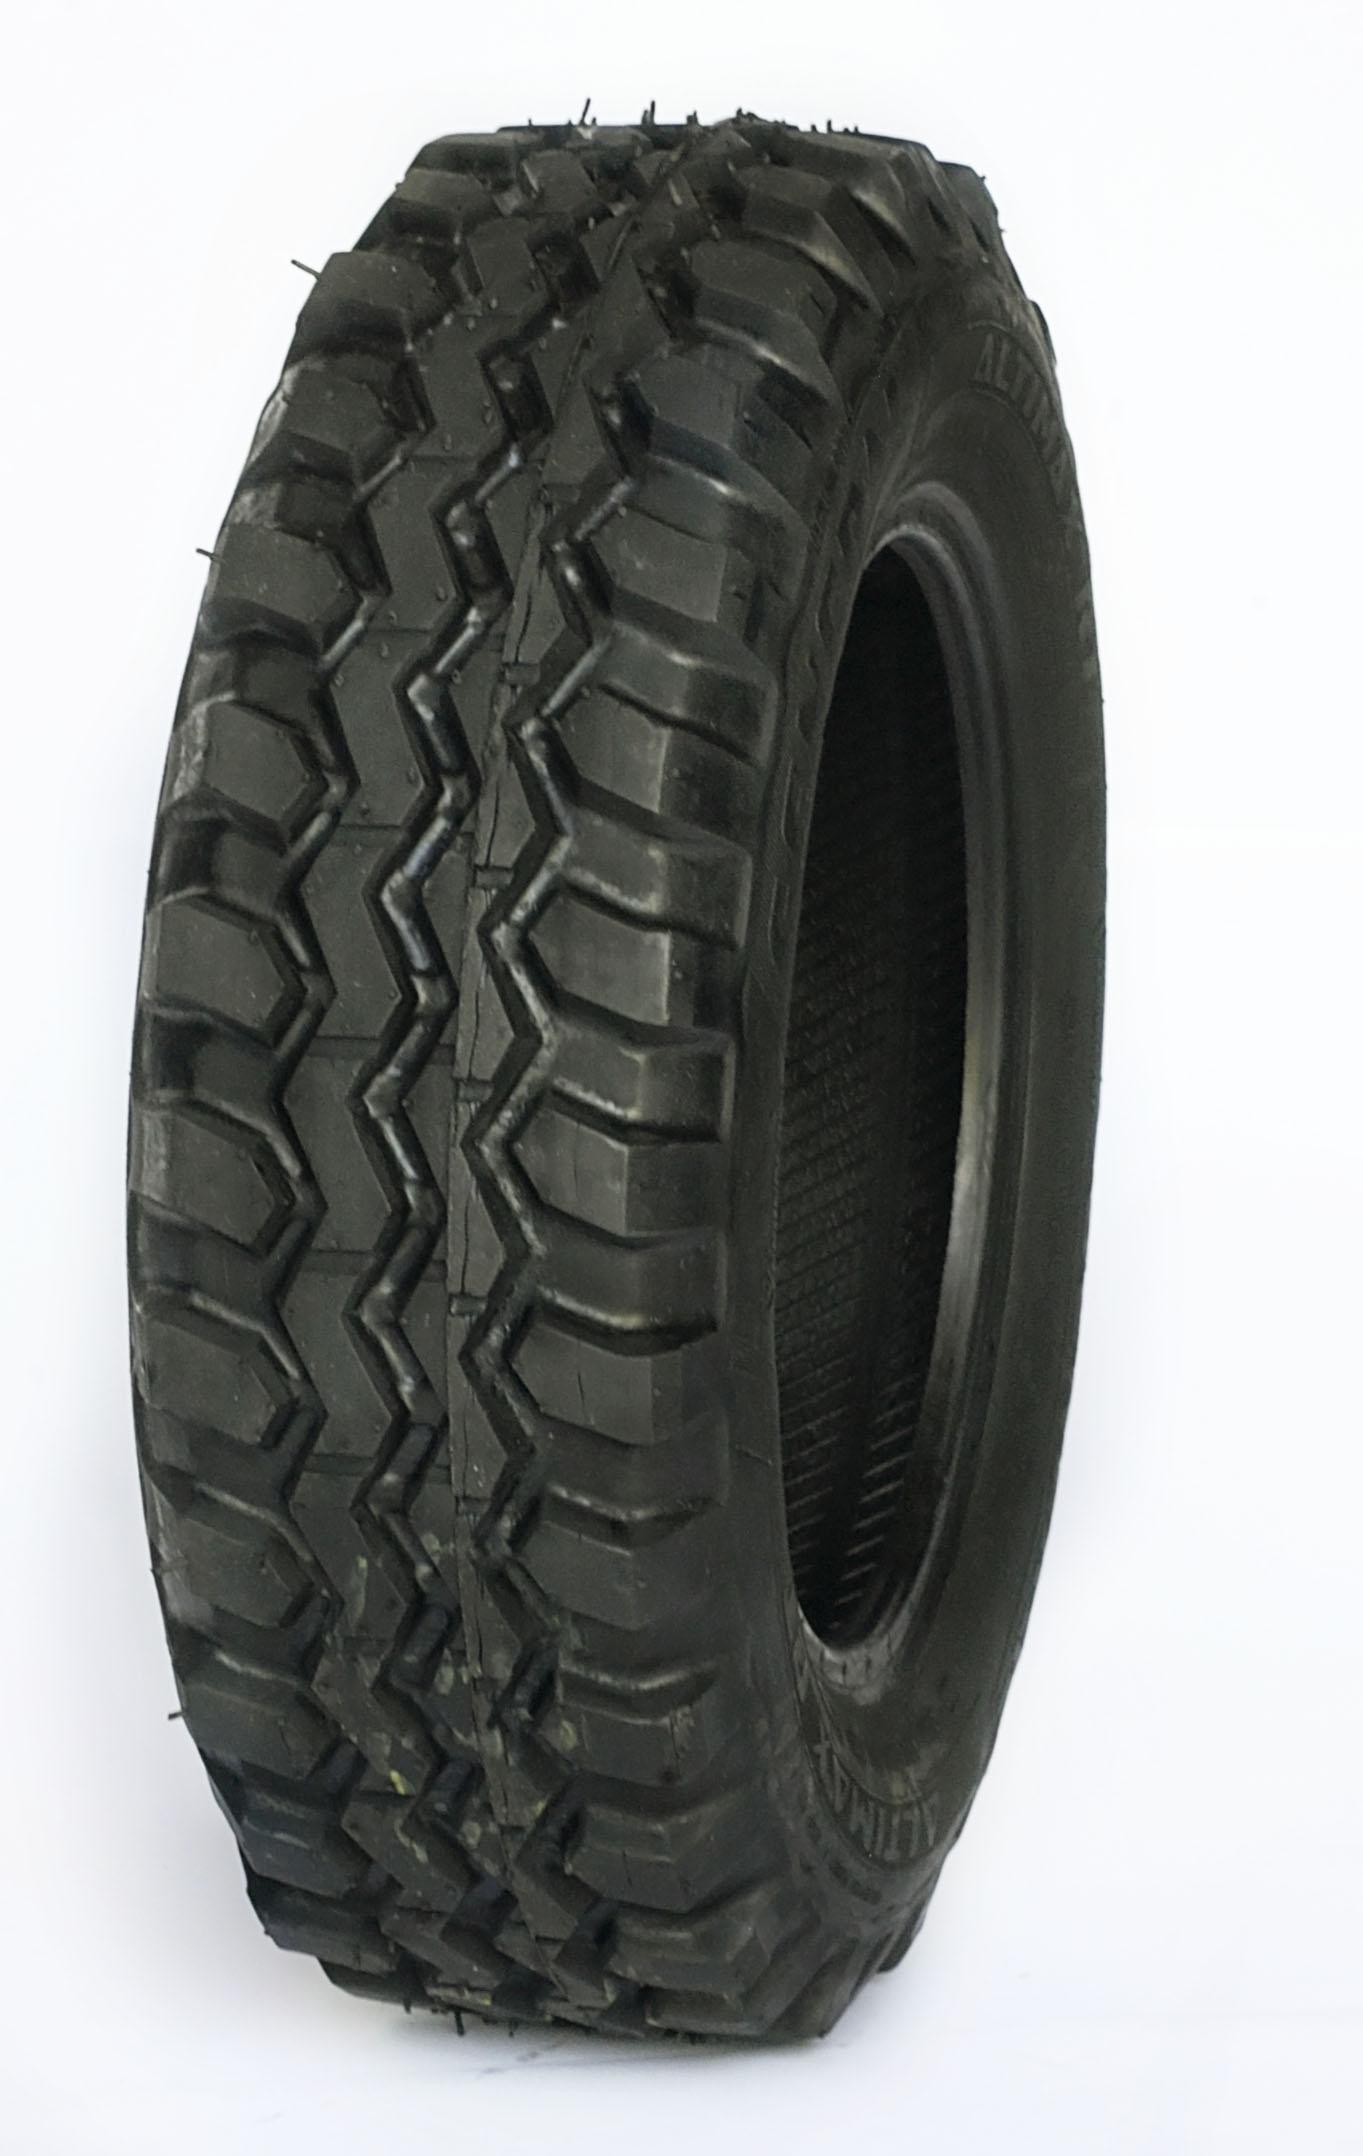 Truck Mud Tires >> Tire Size Lt195 75r14 Retread Mega Mud M T Tire Recappers